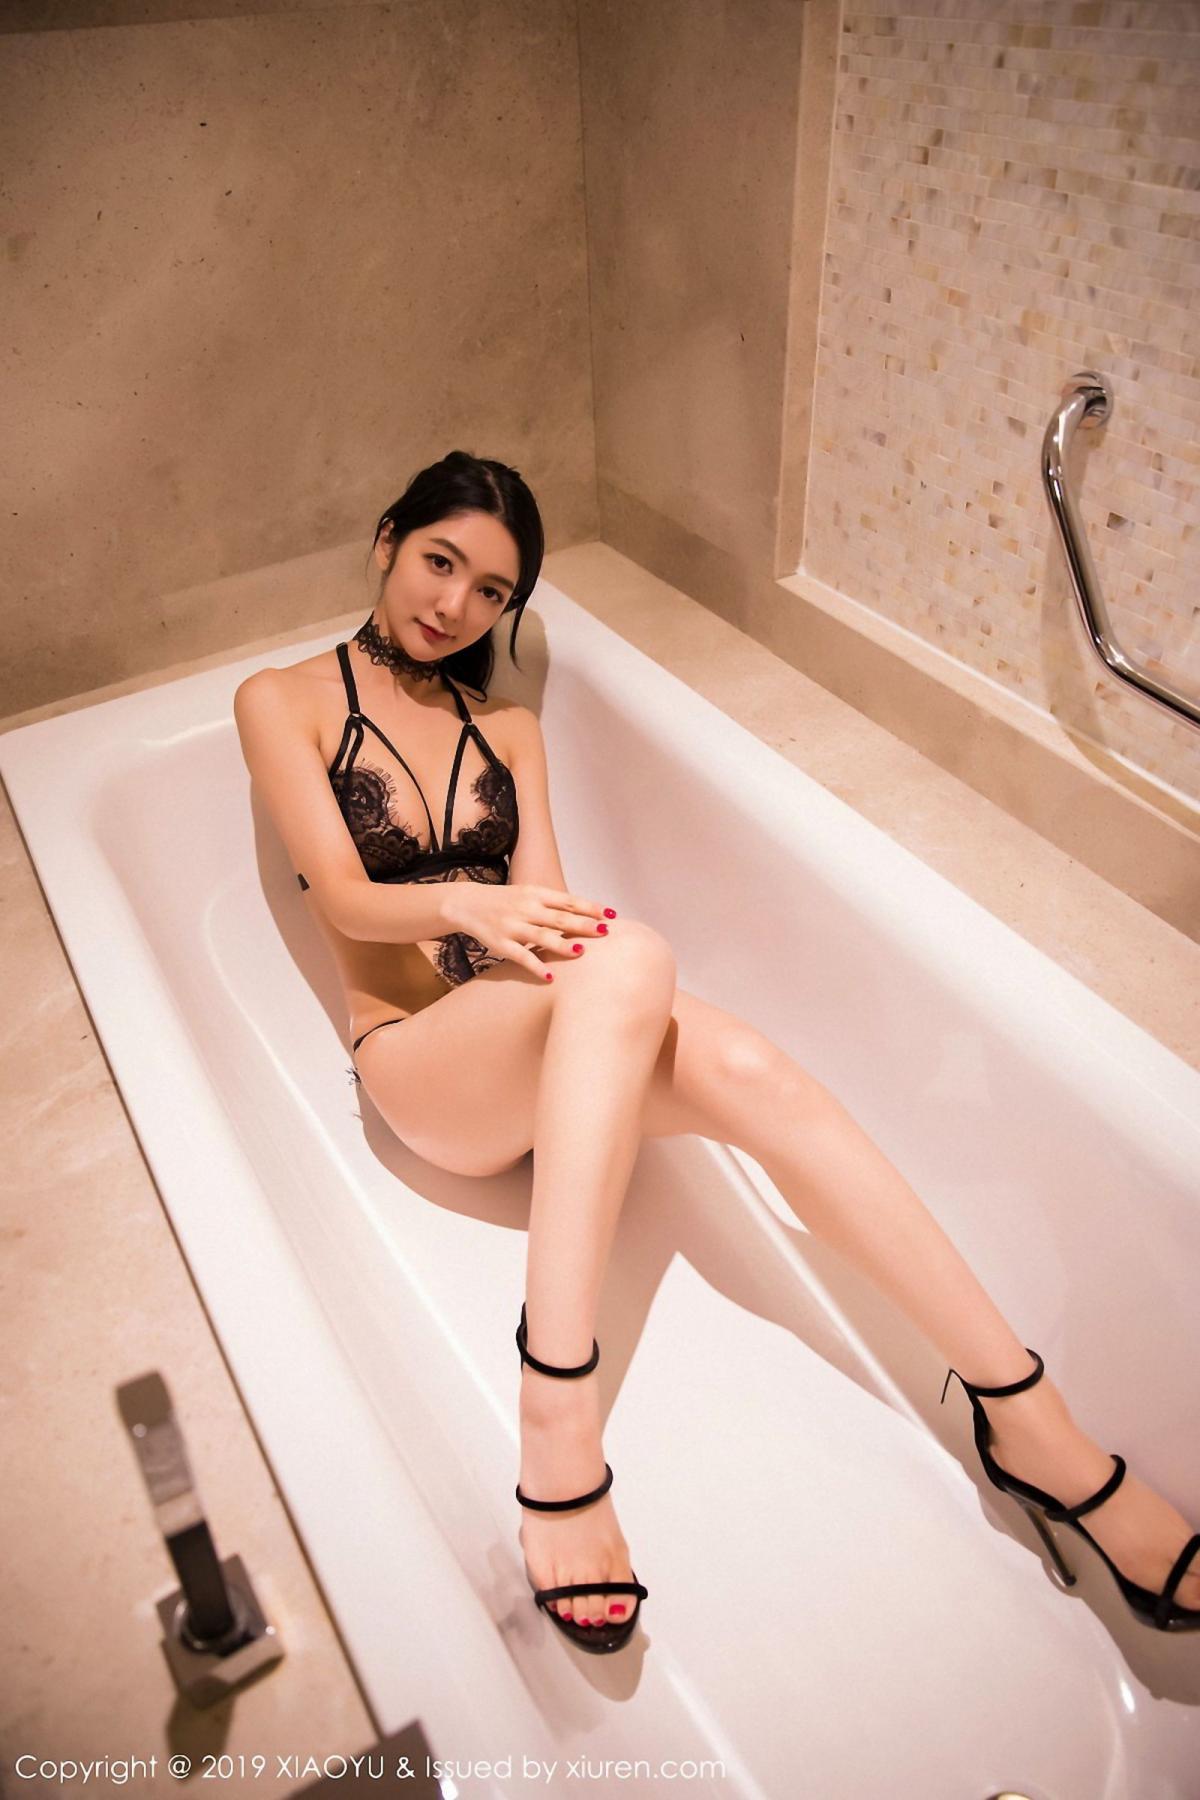 [XiaoYu] Vol.041 Di Yi 26P, Di Yi, Underwear, XiaoYu